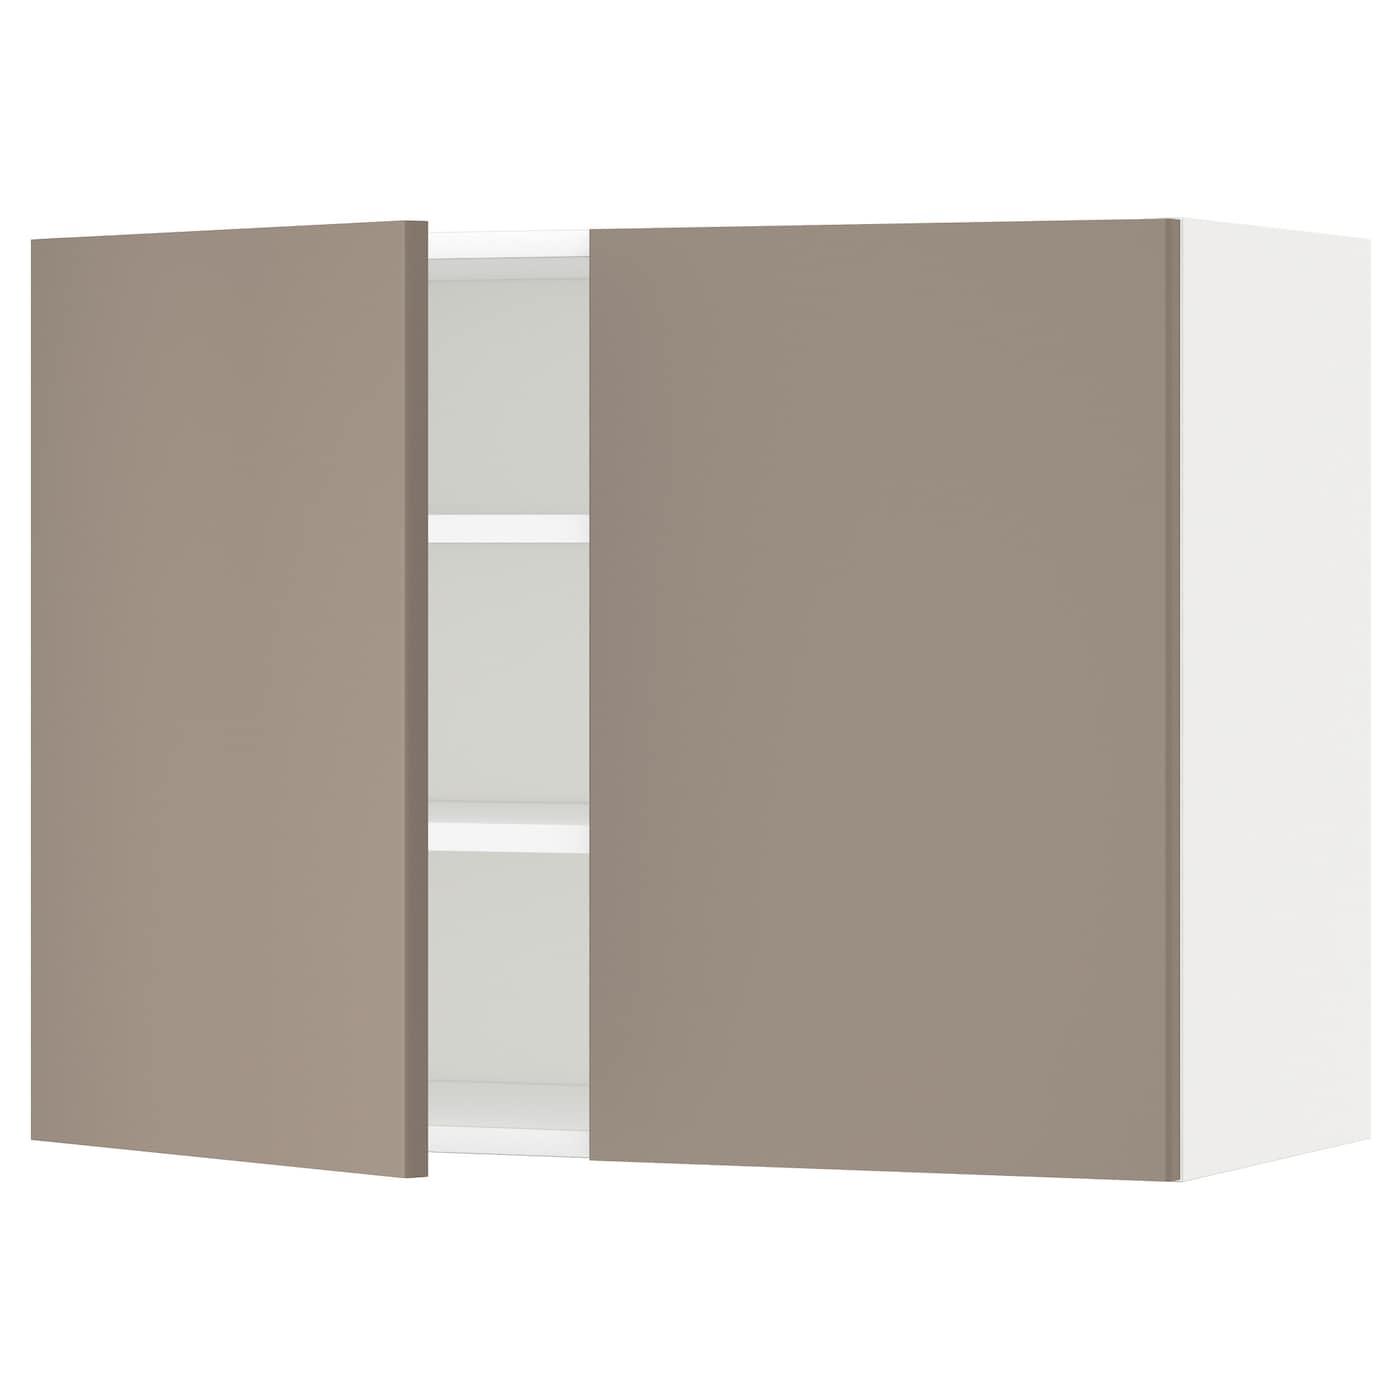 Küchen-Hängeschränke online kaufen | Möbel-Suchmaschine | ladendirekt.de